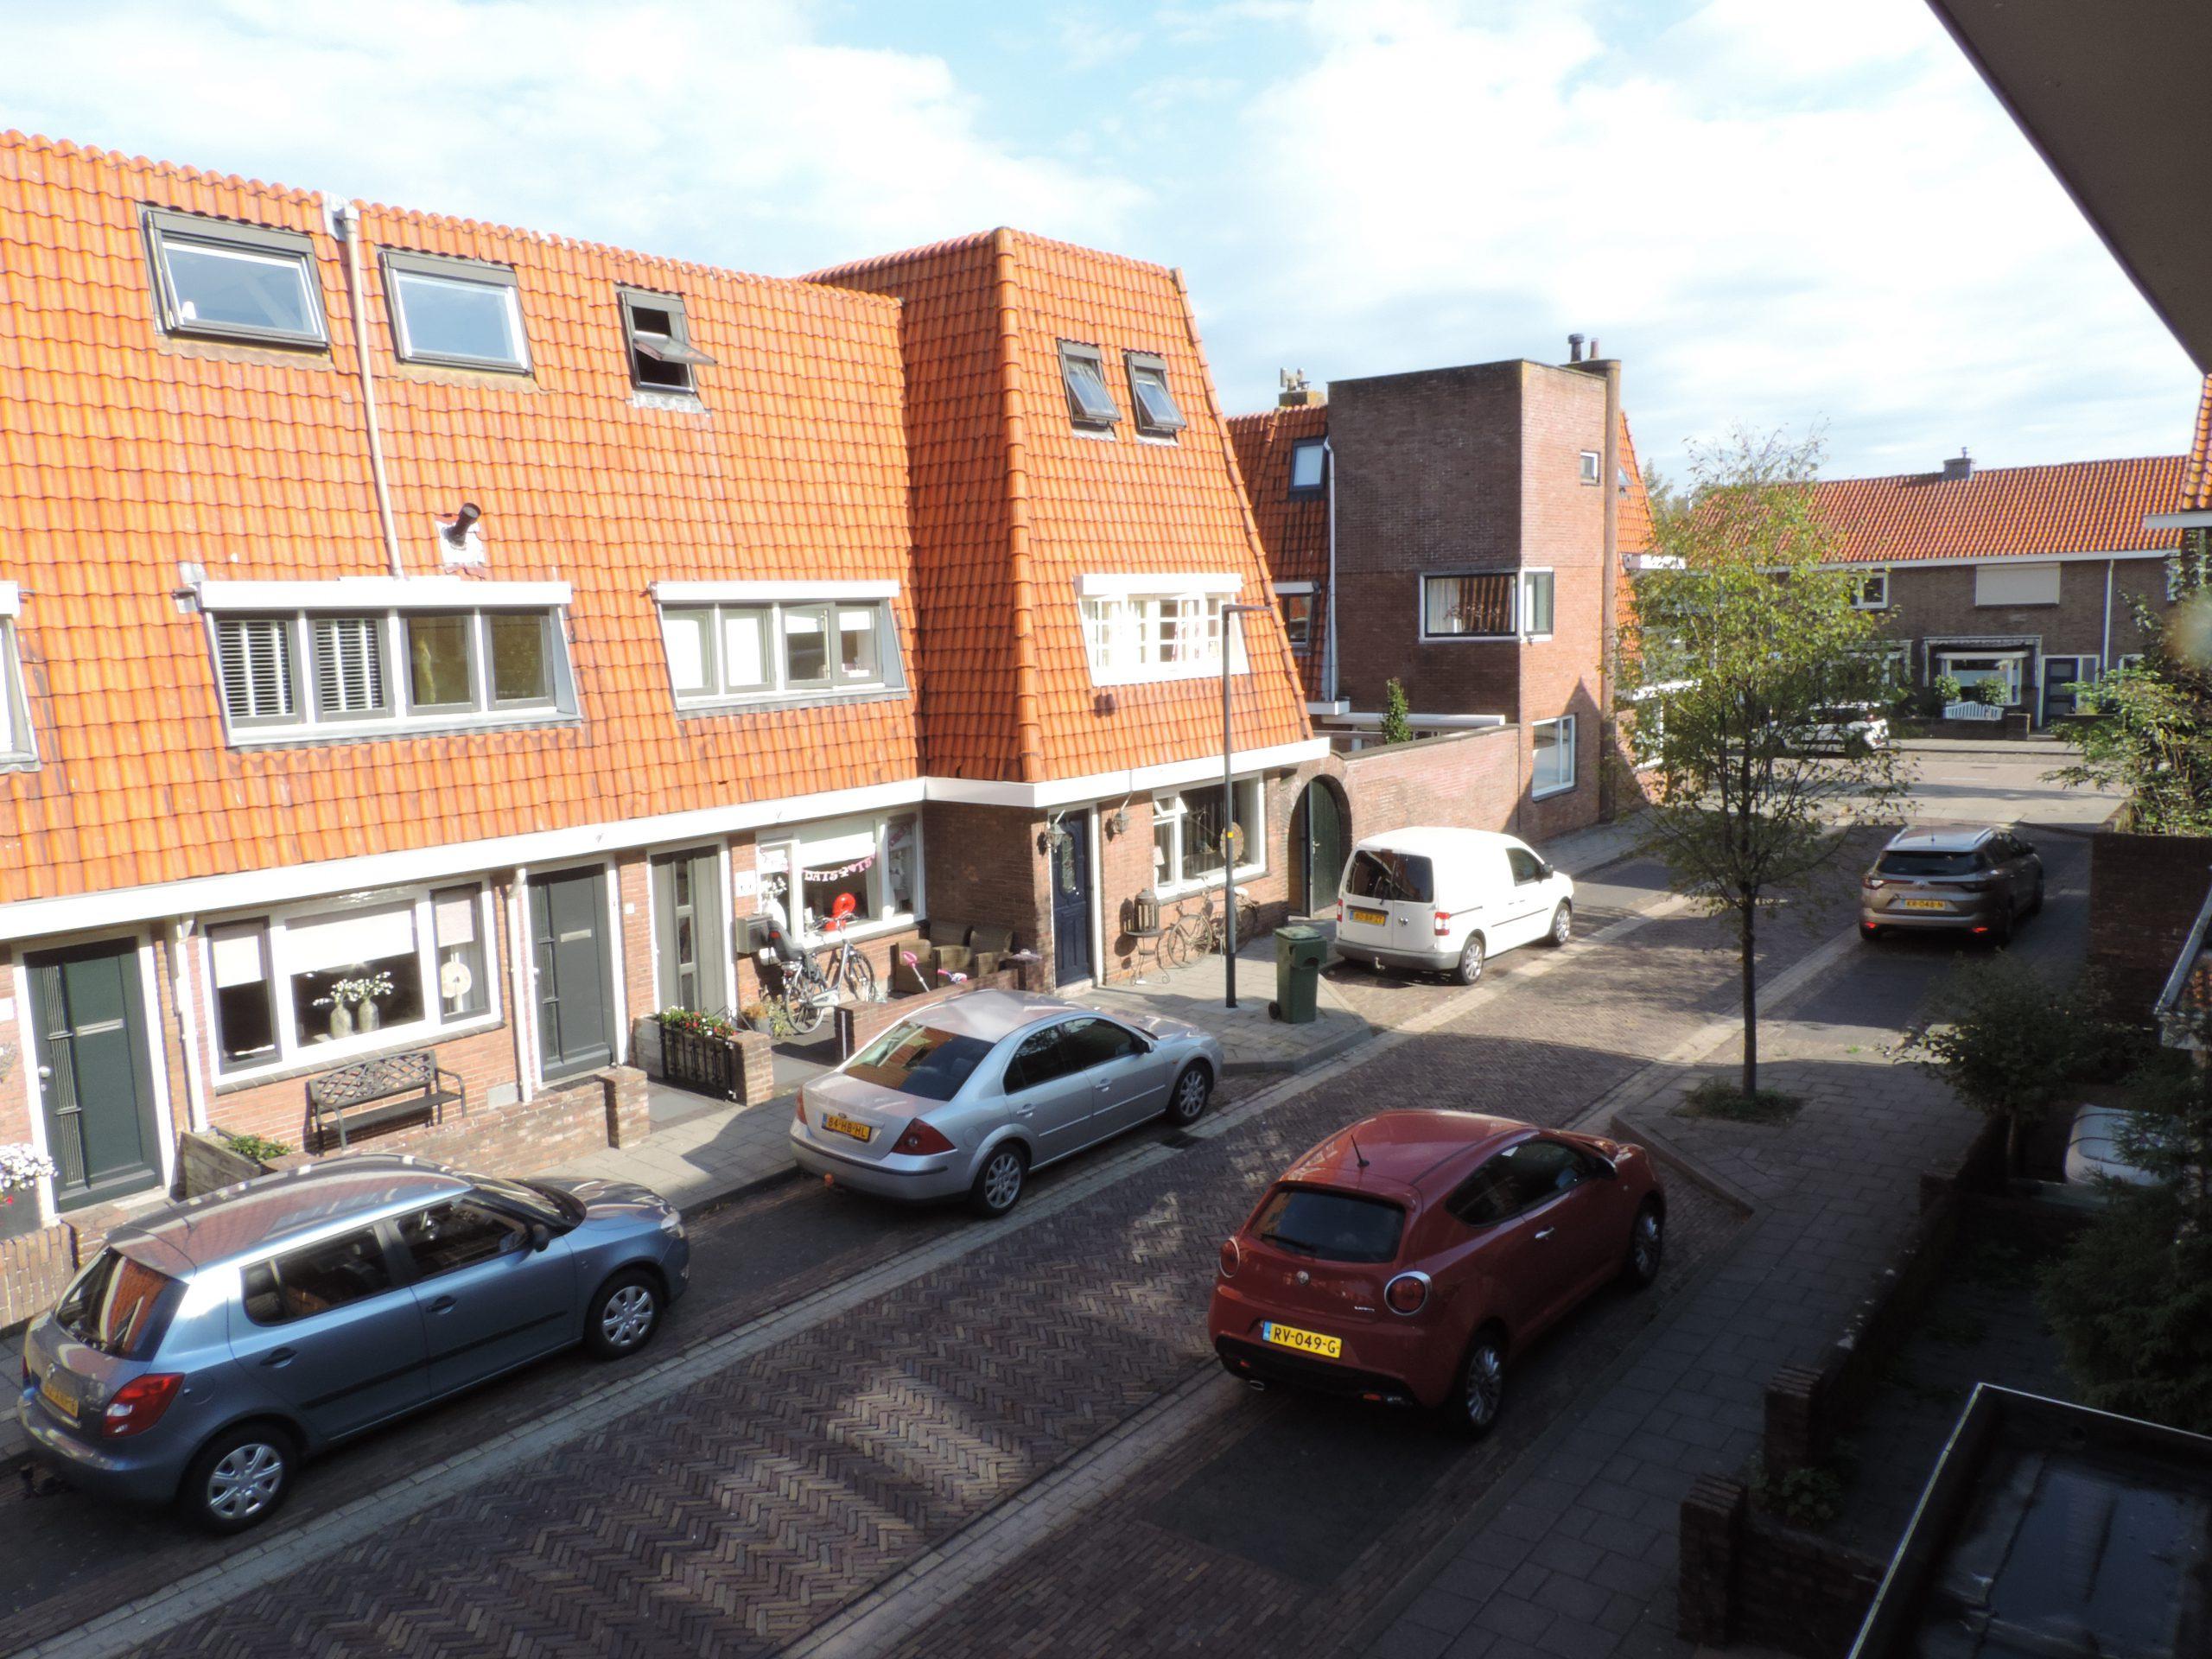 Noordtzijstraat 8 Kampen   |   Verkocht